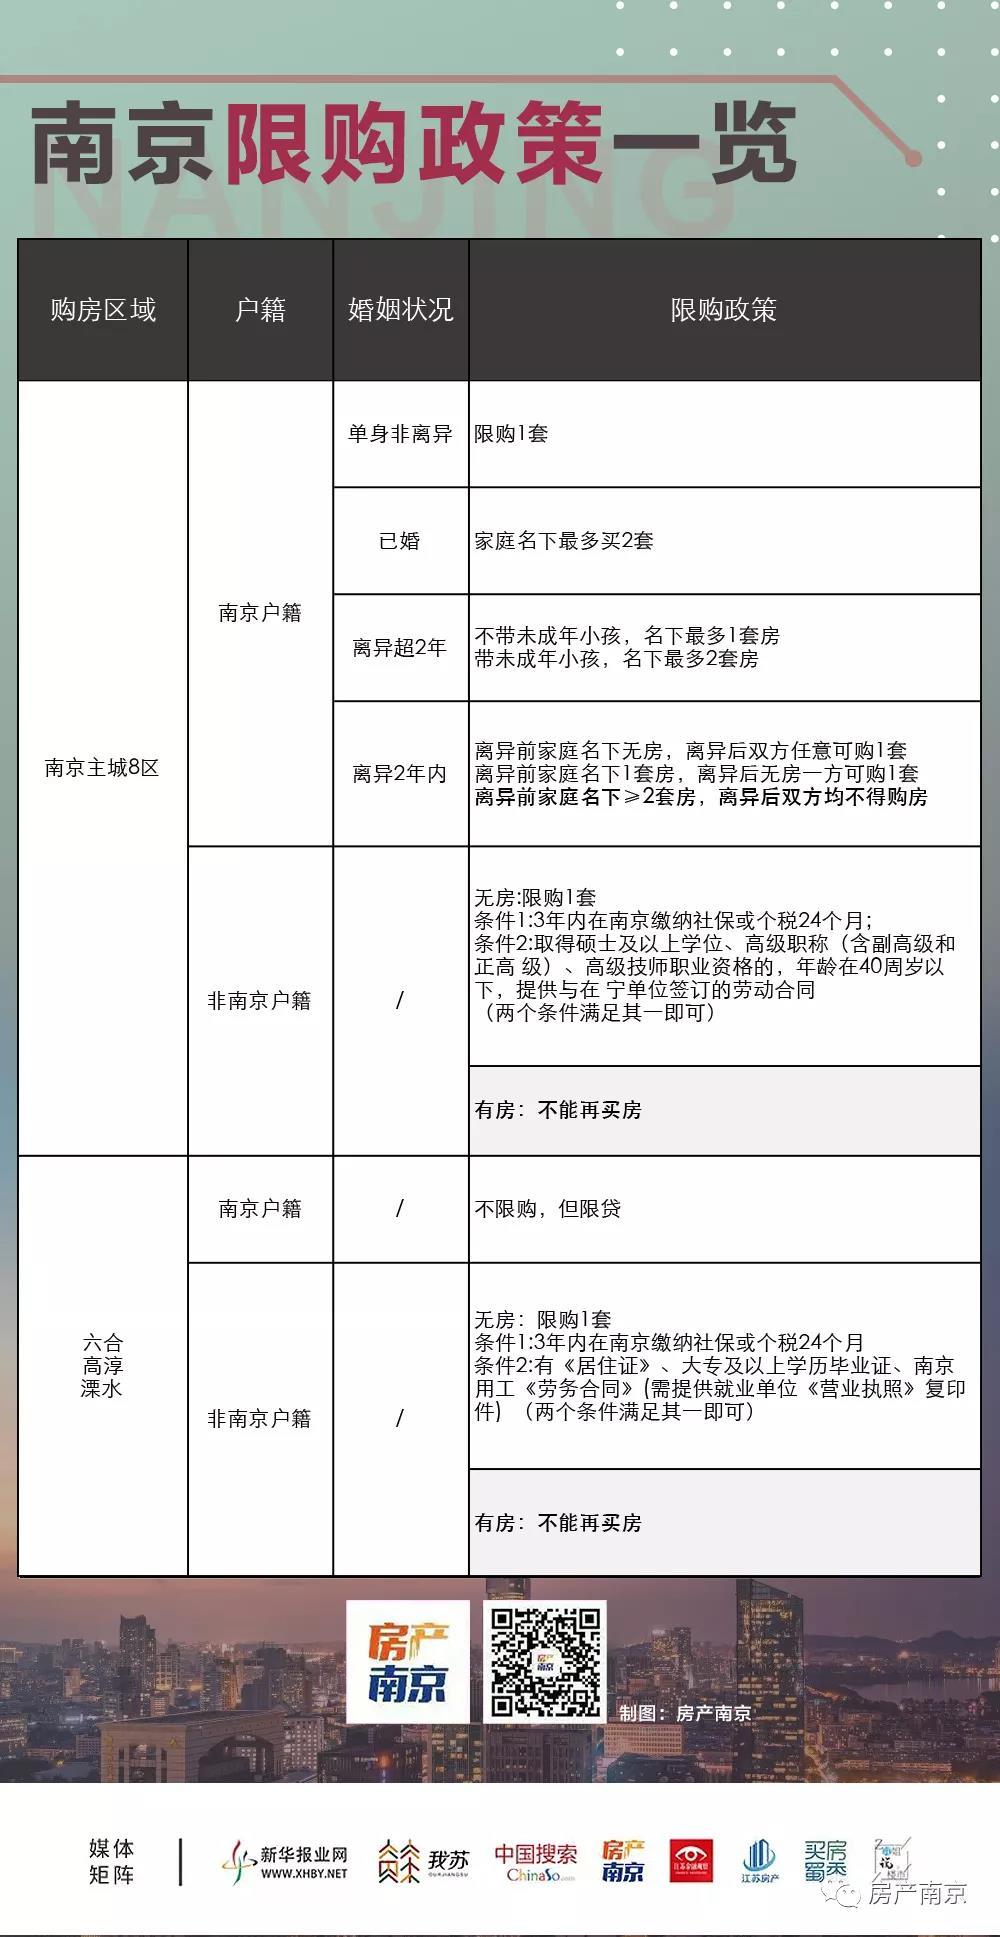 點擊收藏!2021年南京最新買房、貸款、落戶政策大全!